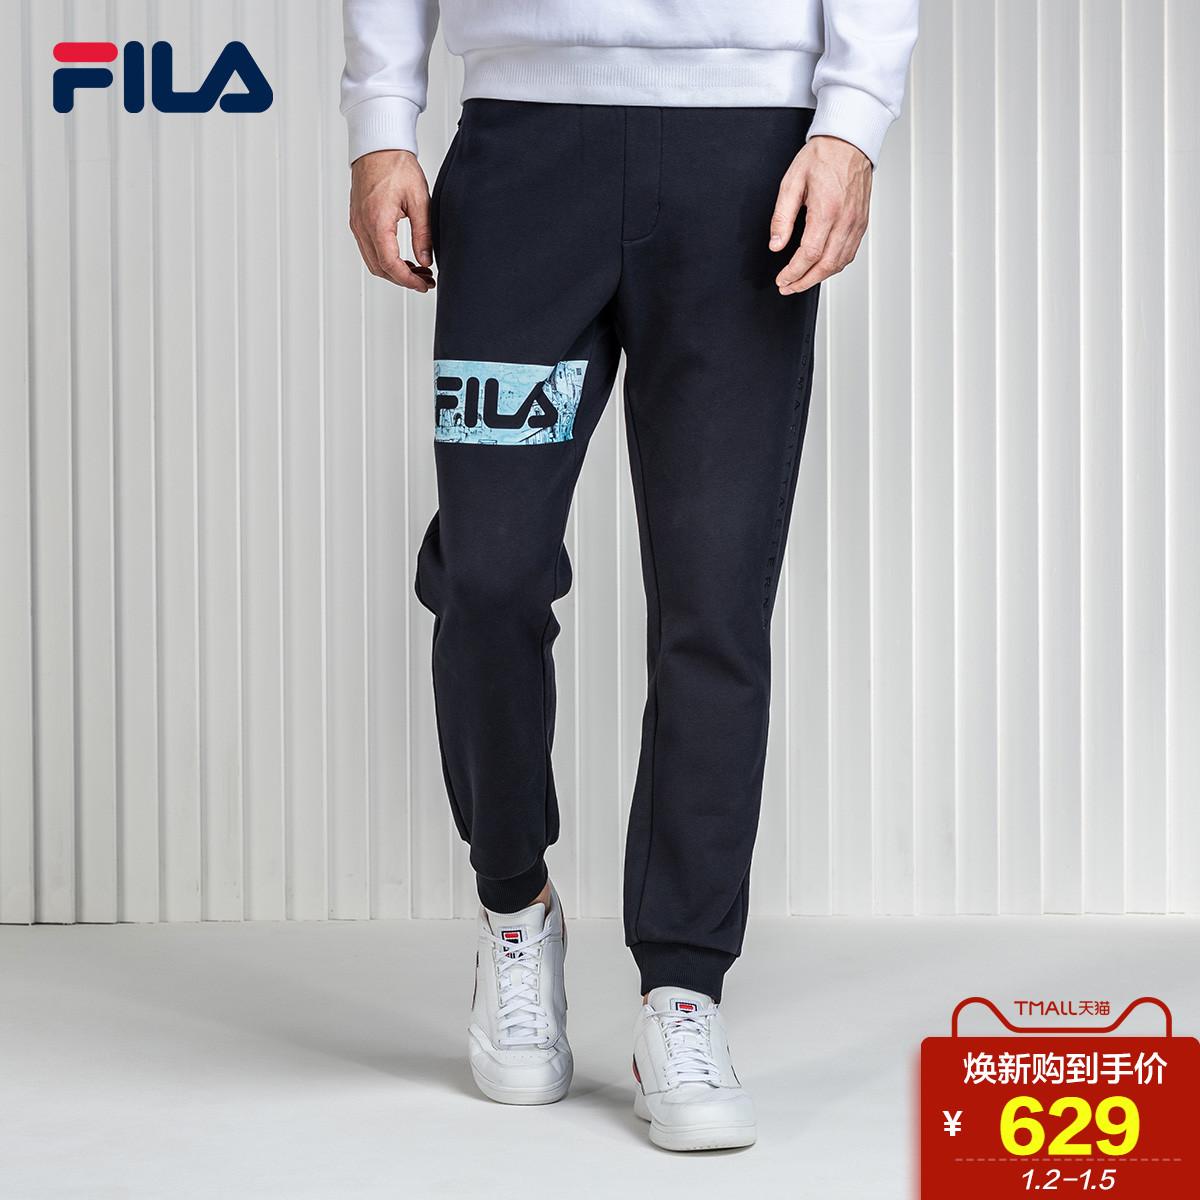 FILA斐乐长裤男2019春季新款运动休闲长裤潮流时尚针织束带束口裤